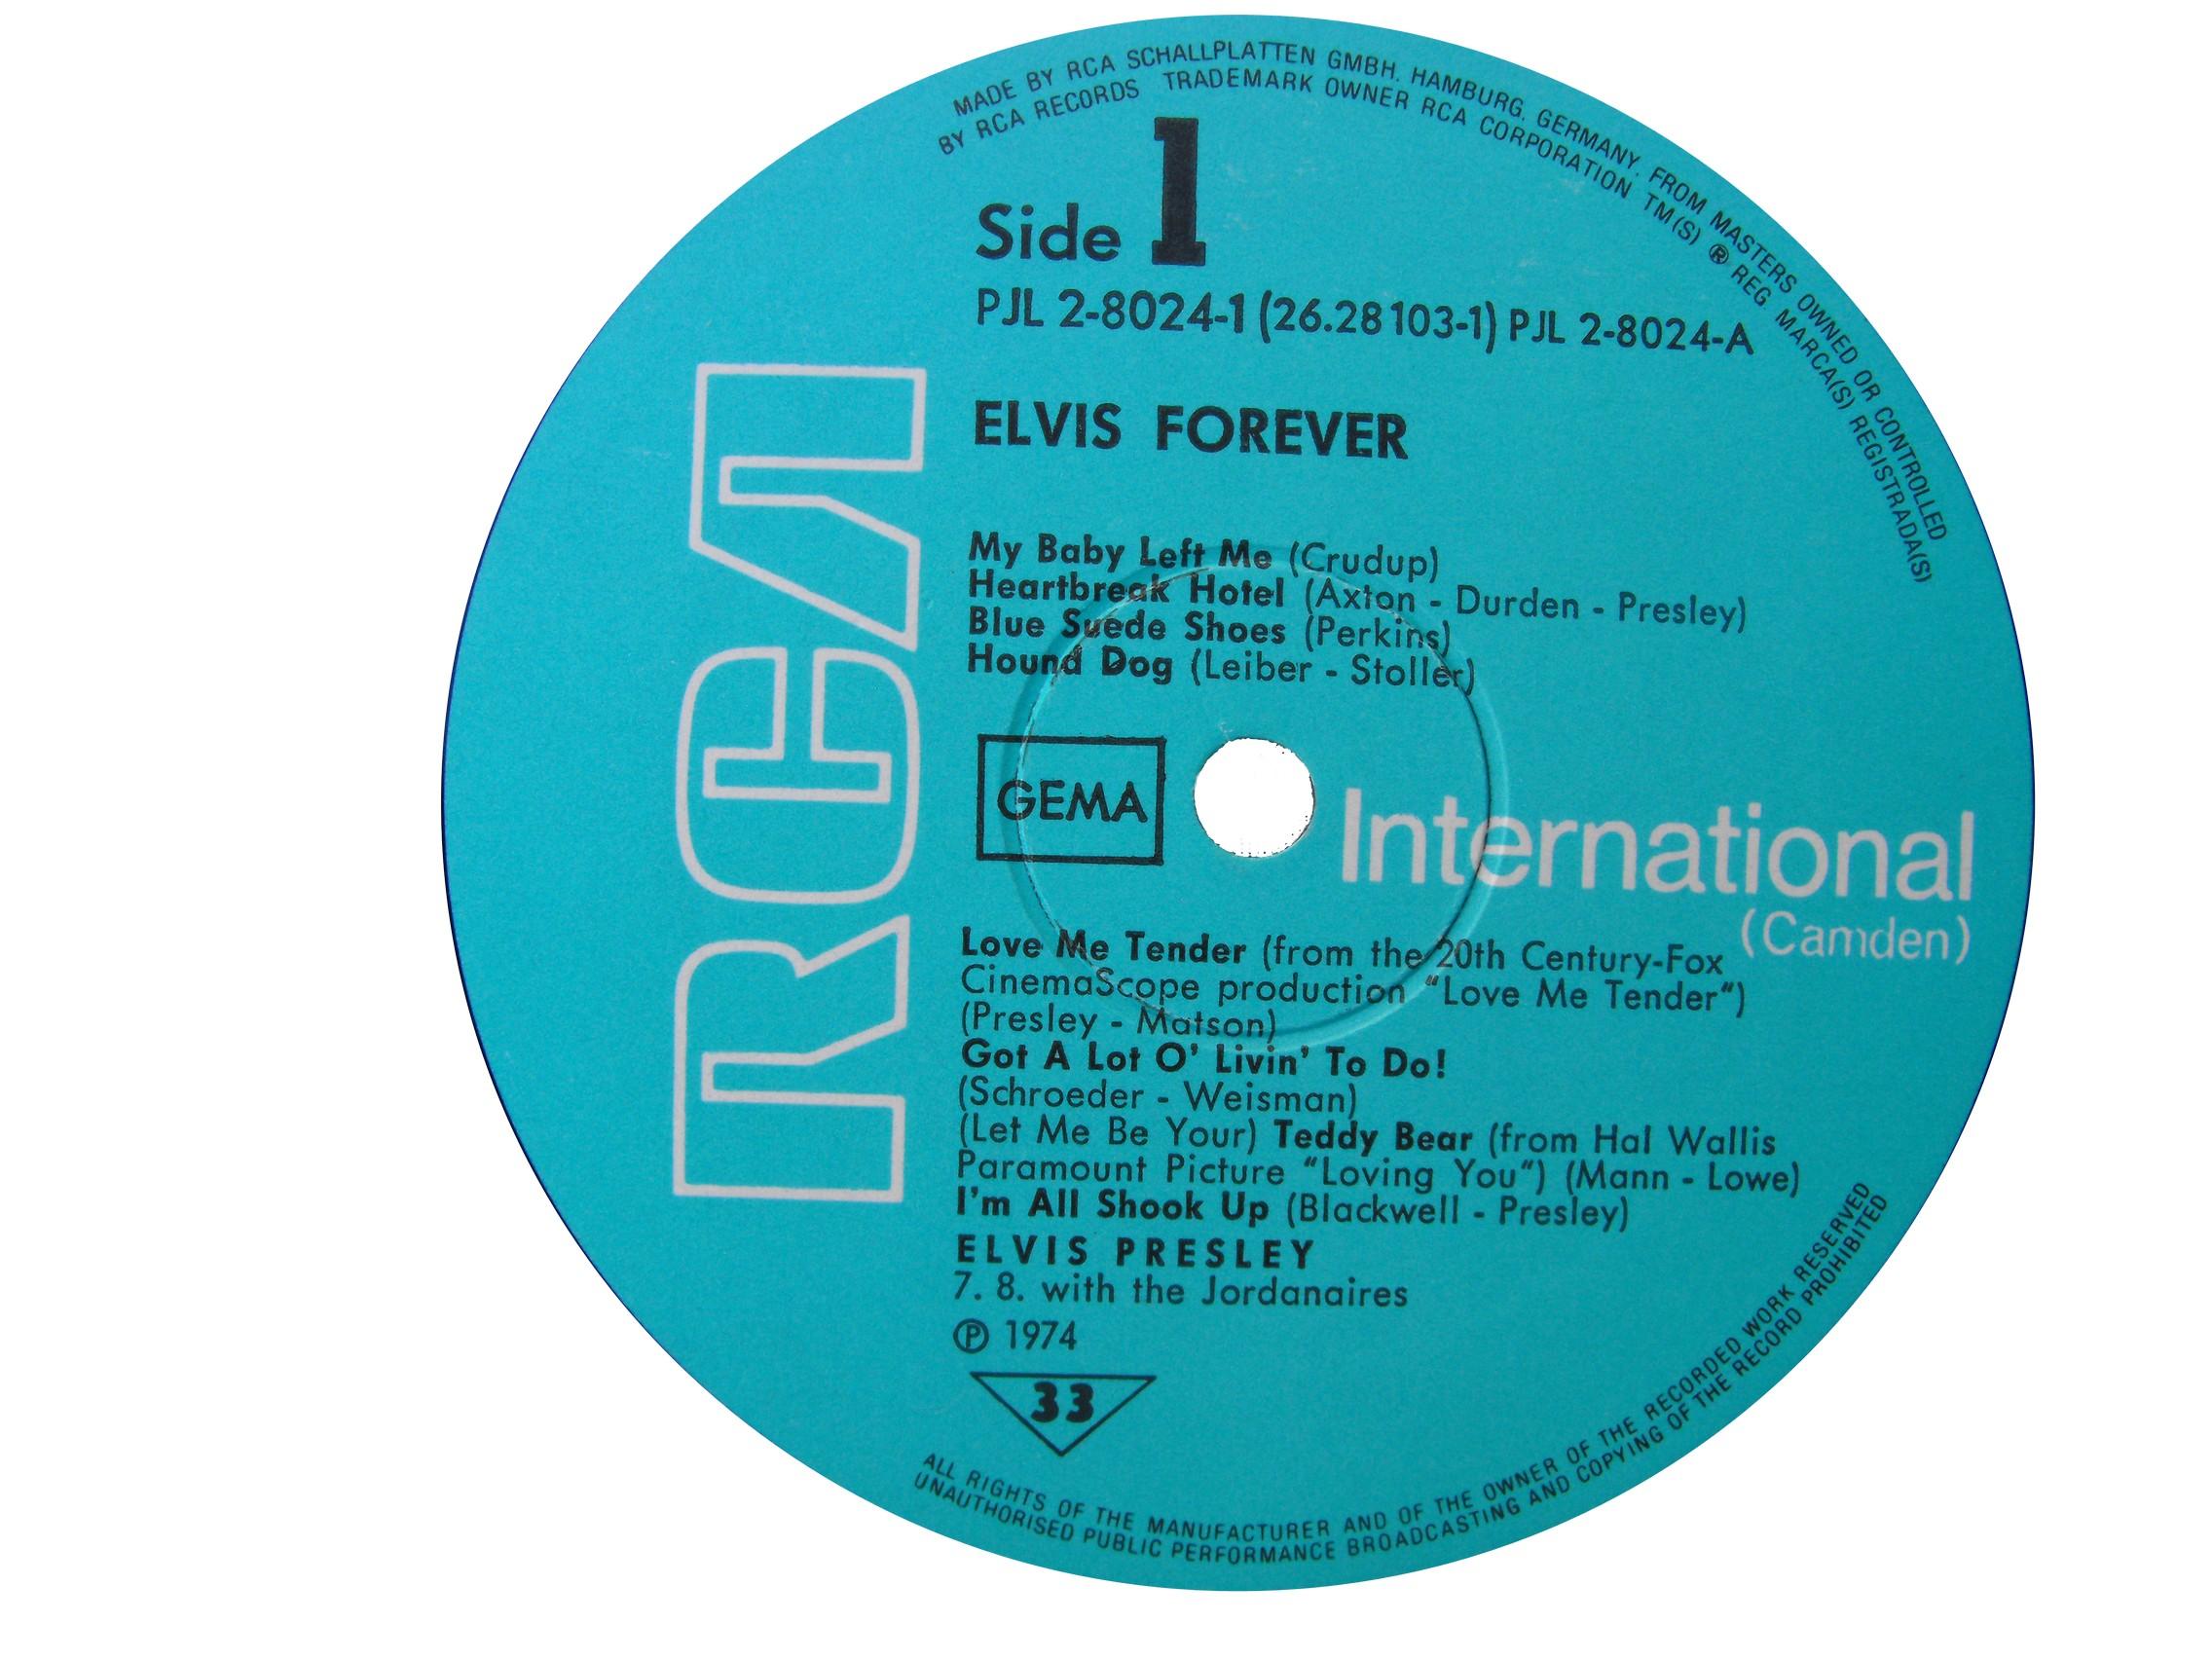 ELVIS FOREVER - 32 HITS Efside119753ldur